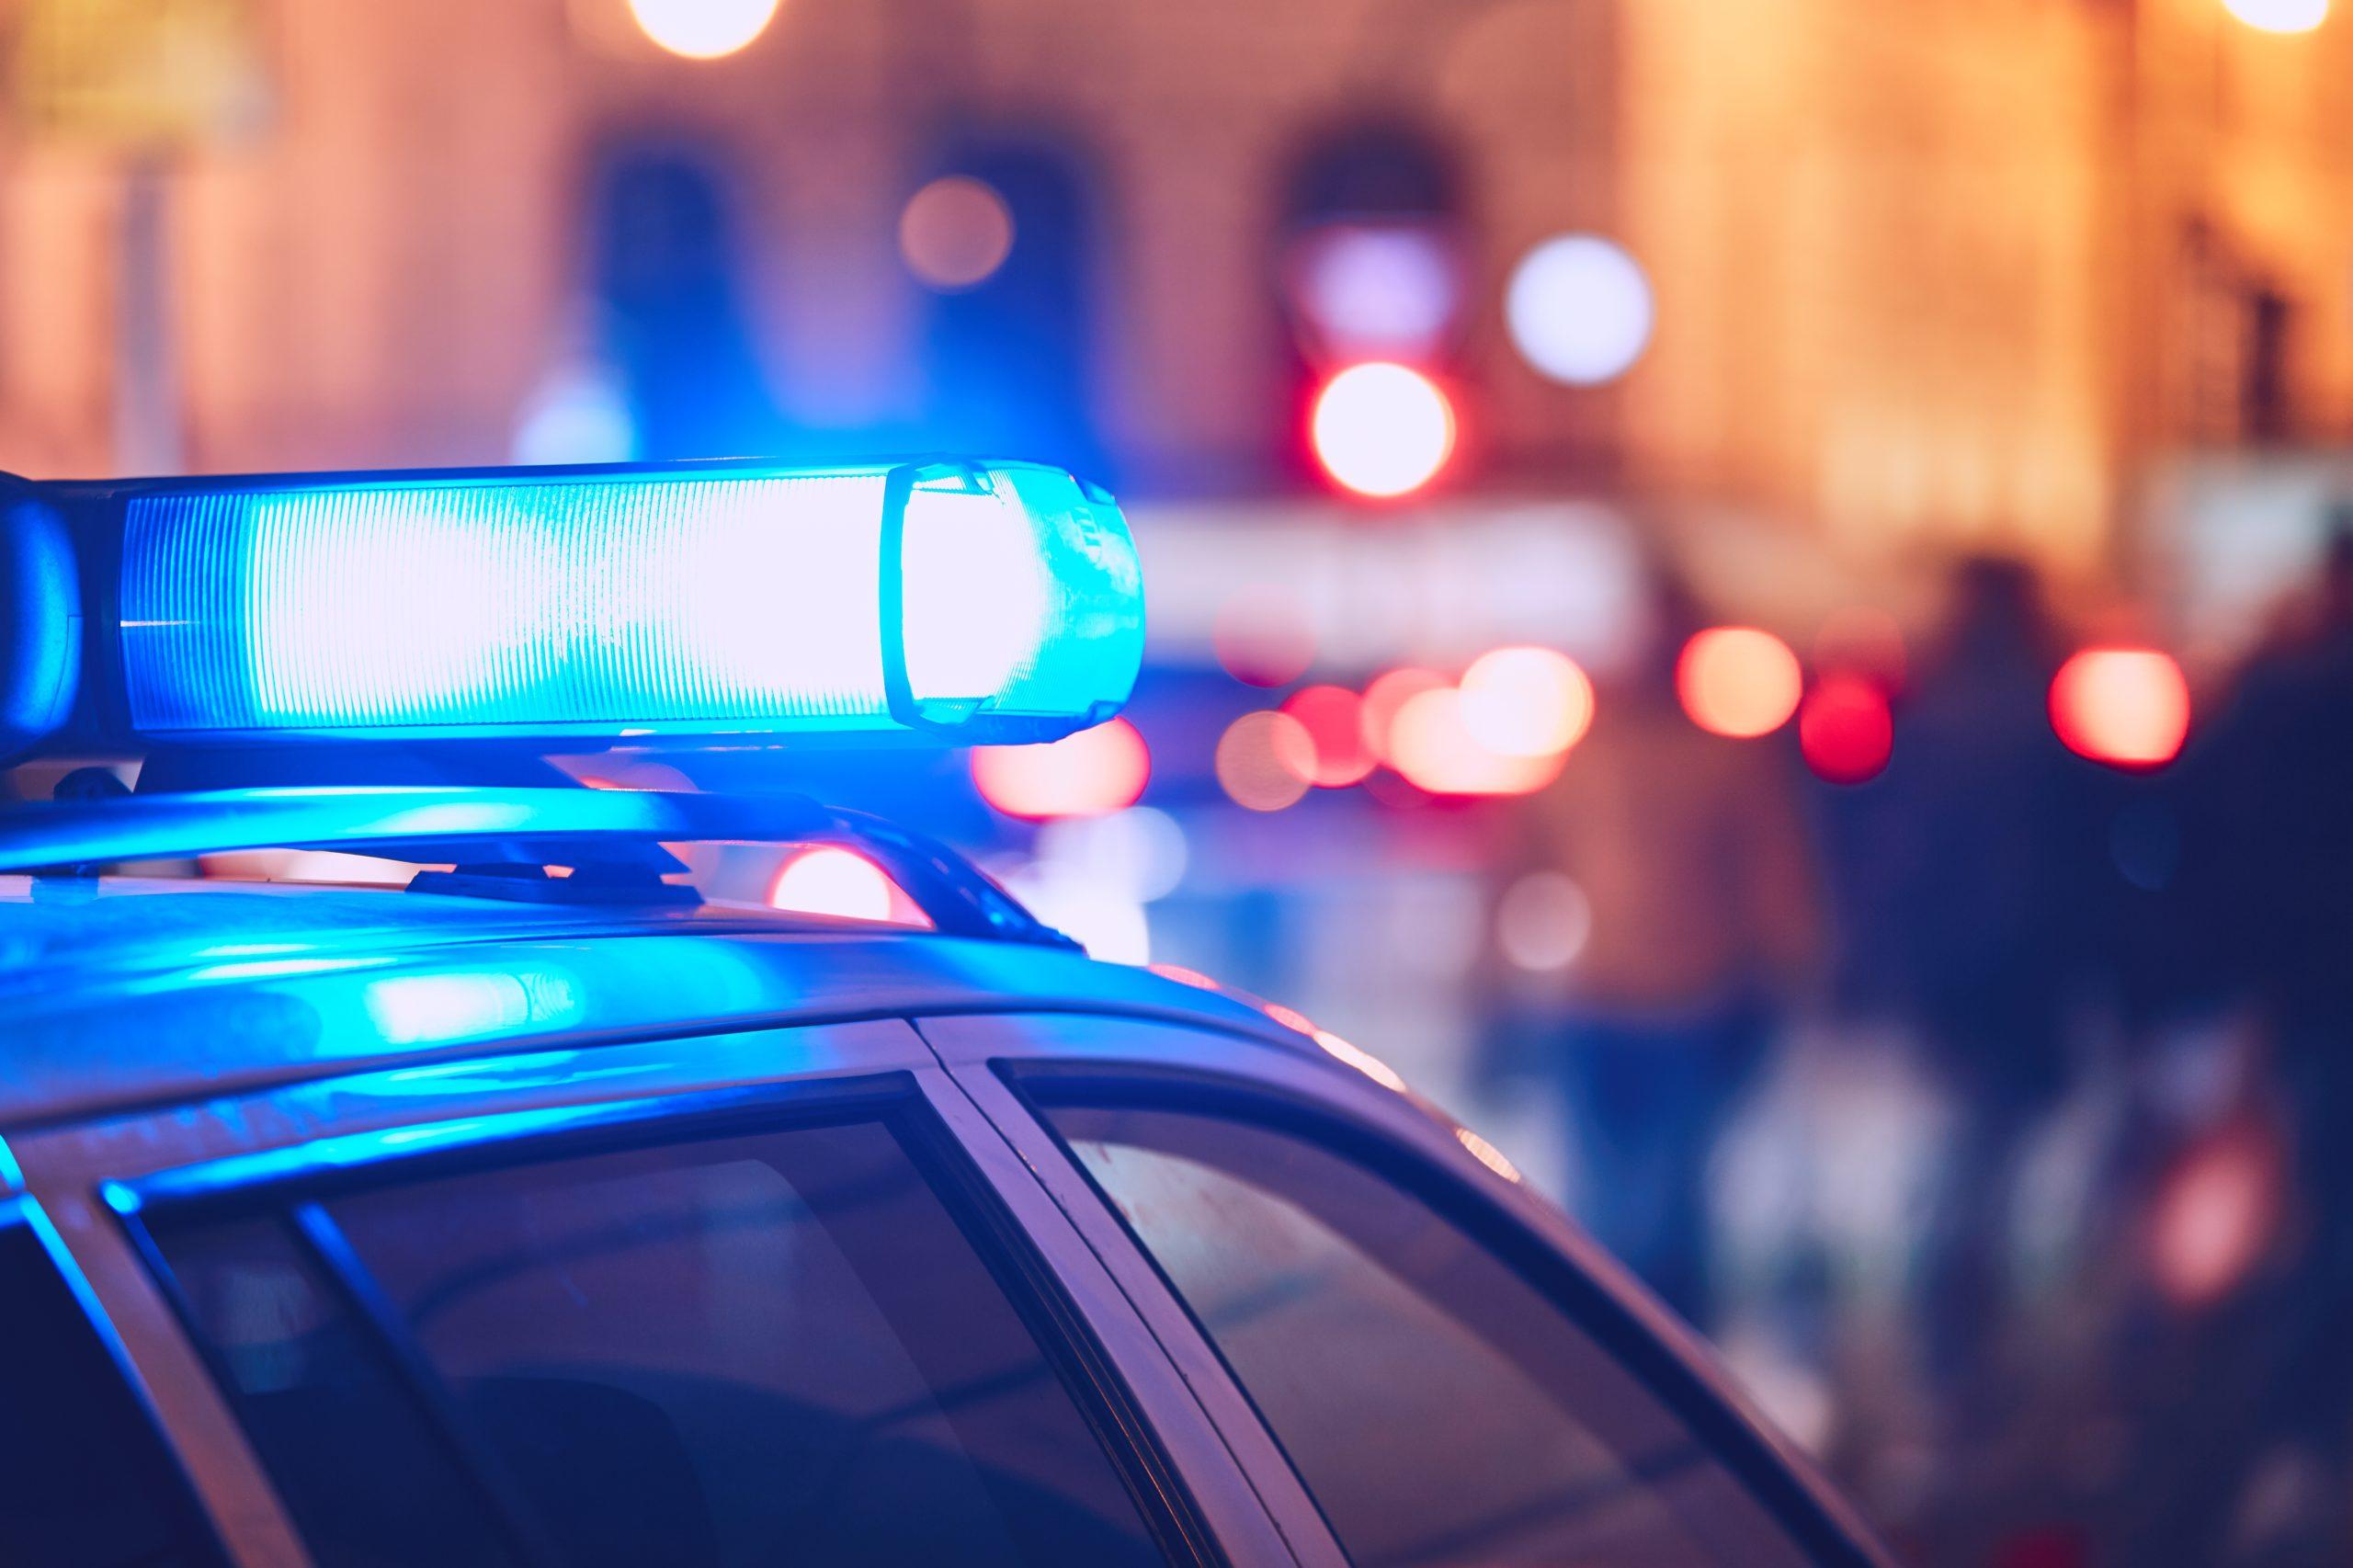 Les policiers font face à des accusations d'inconduite